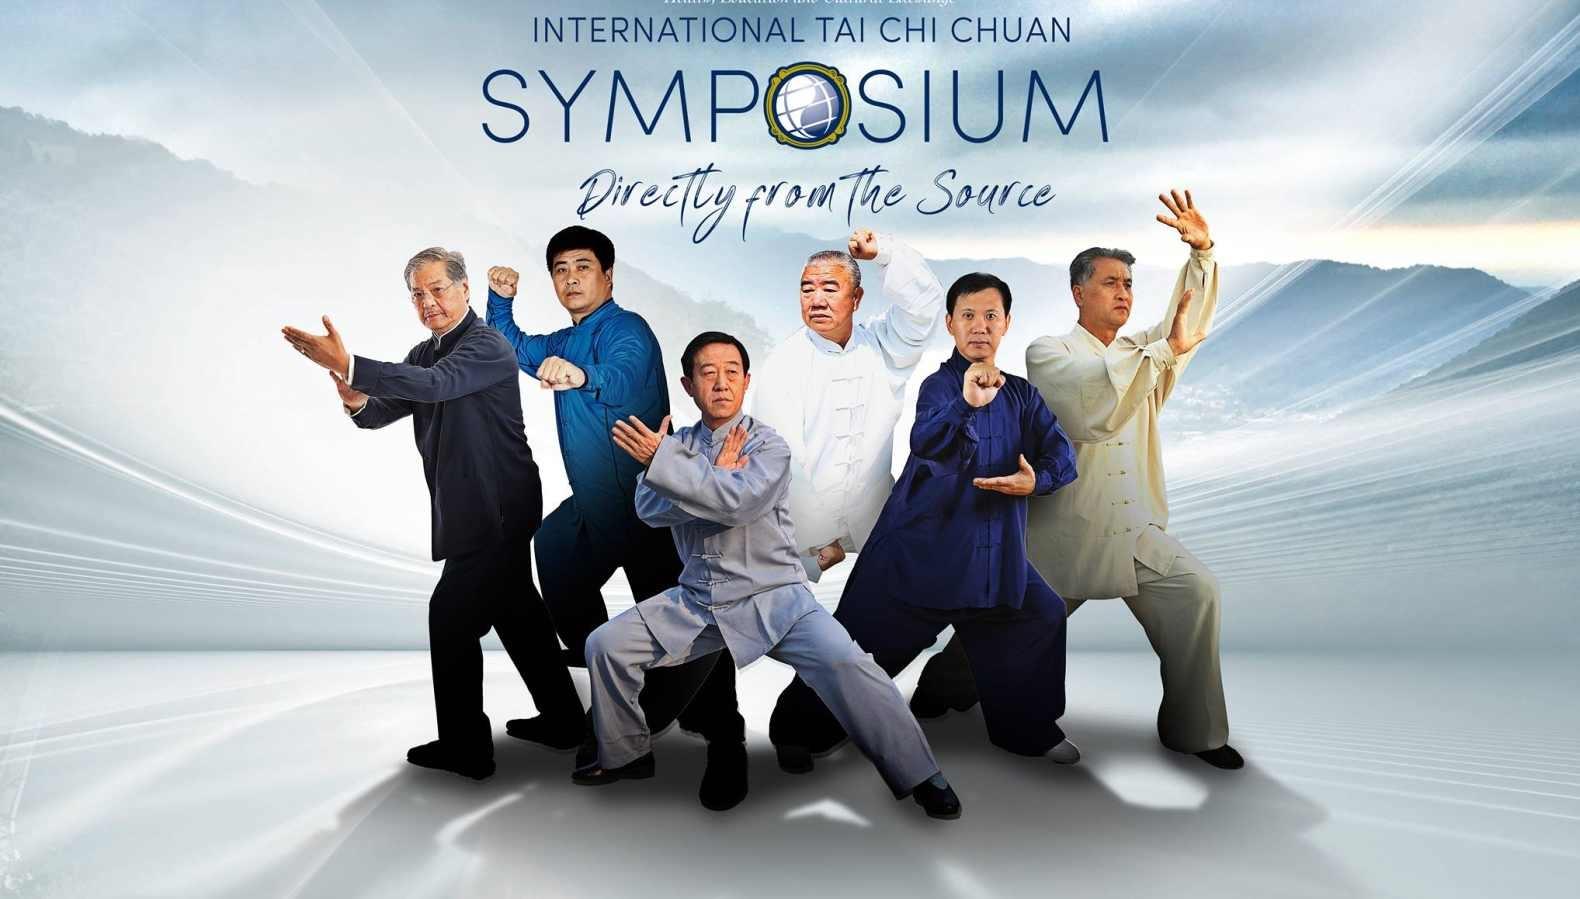 International Tai Chi Chuan Symposium